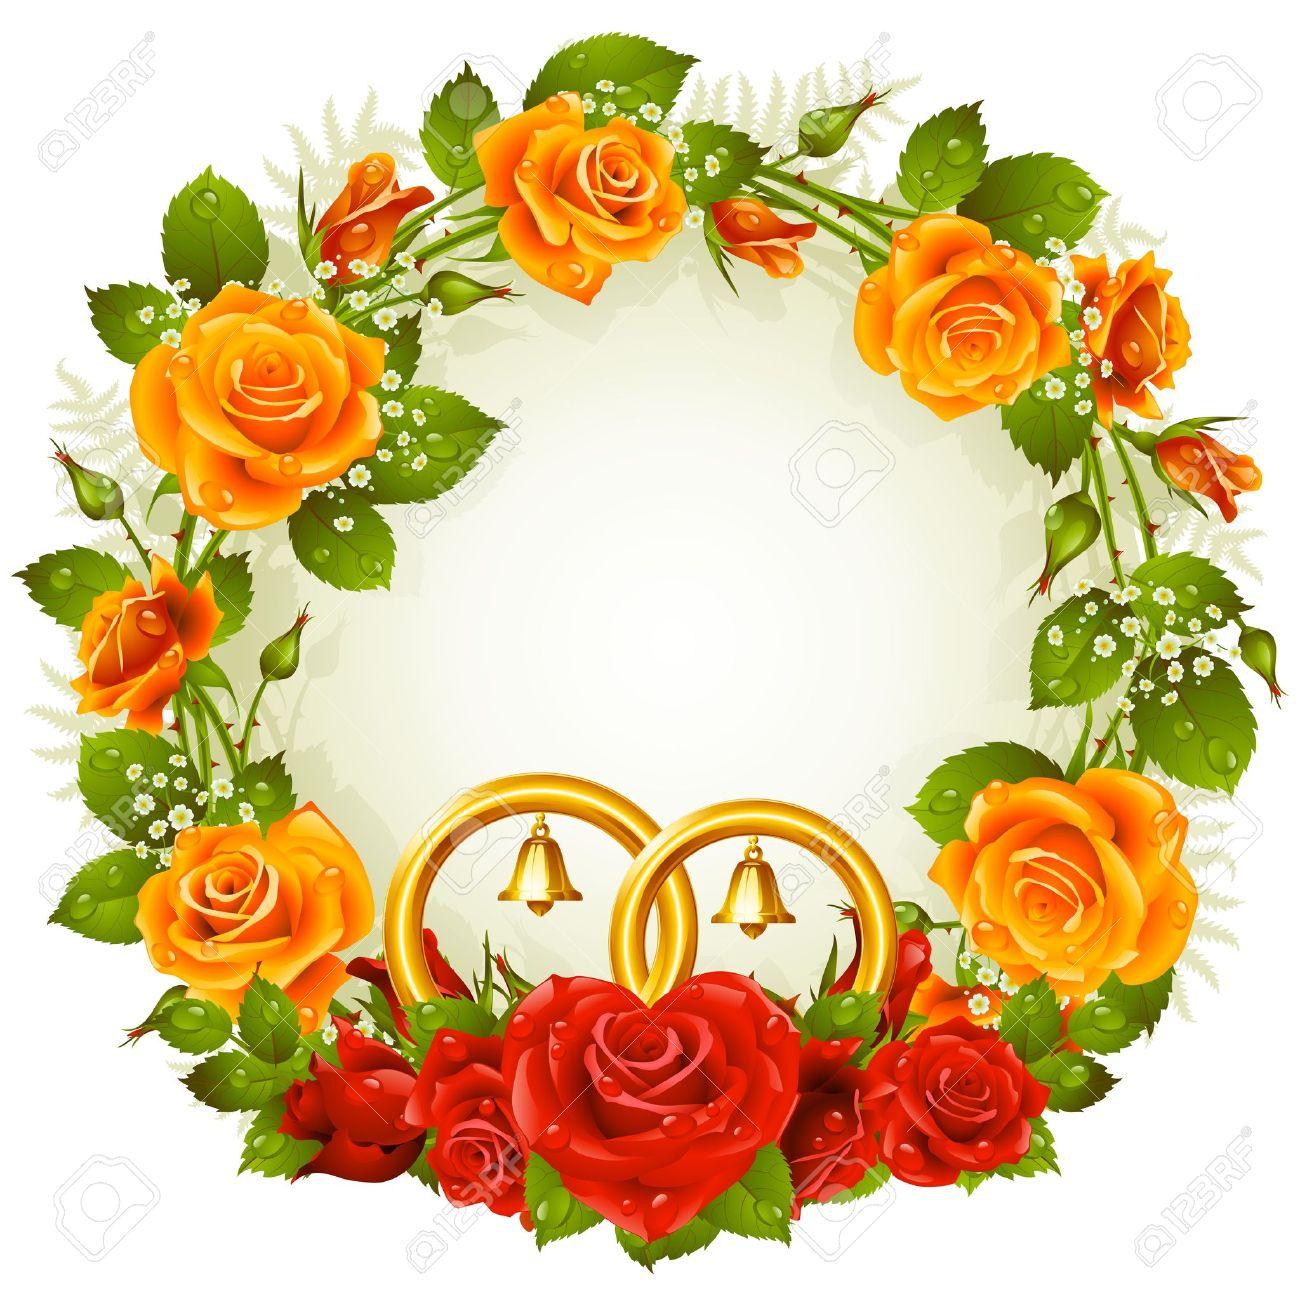 Wedding Rings Roses orange wedding rings Wedding rings and roses